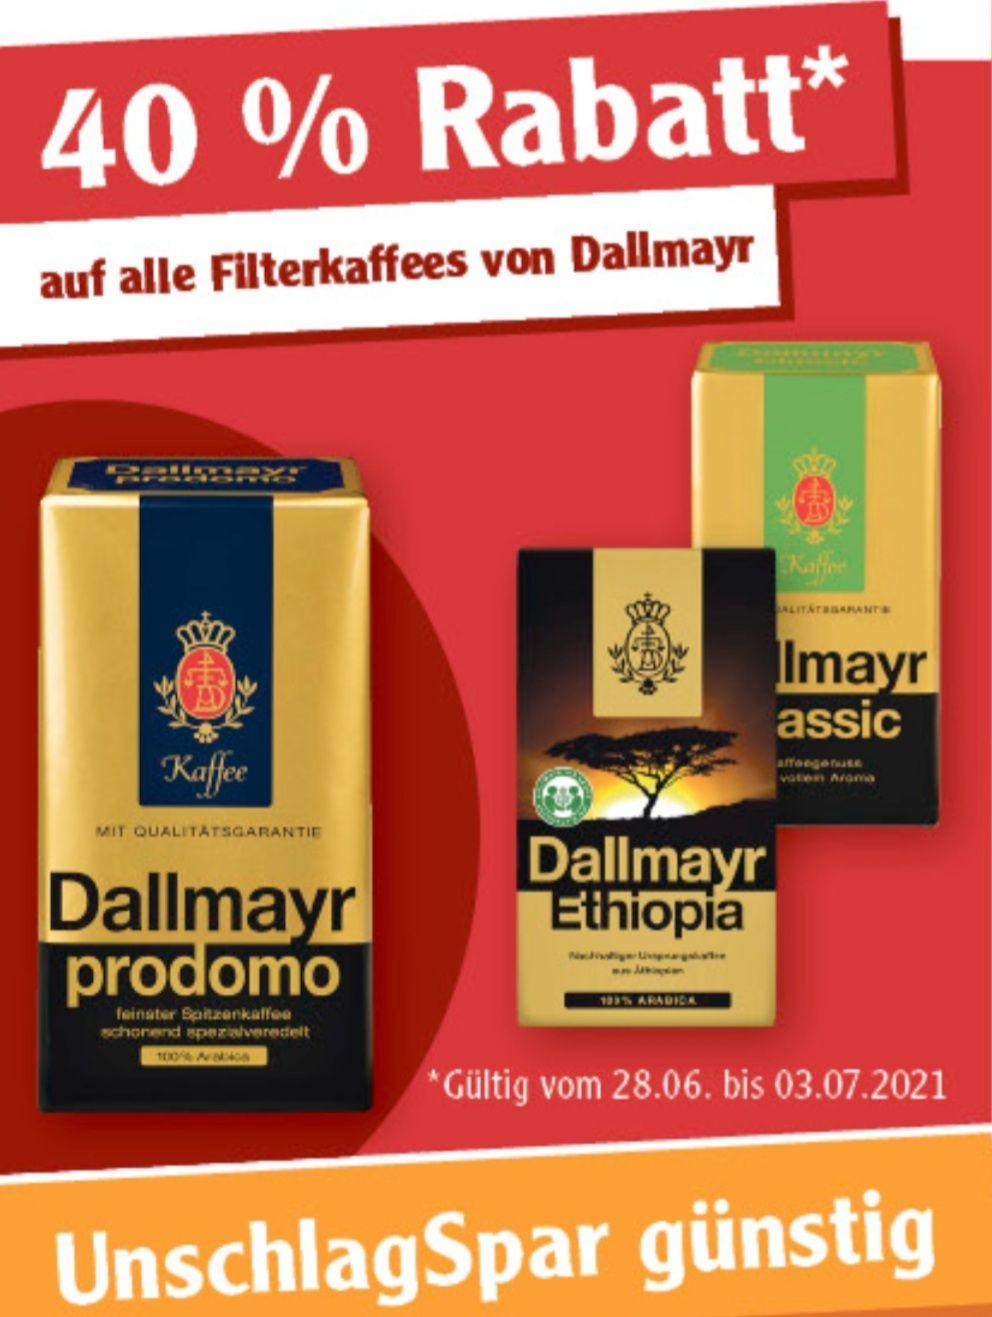 40% auf alle Filterkaffees von Dallmayr ab 28.06 Globus